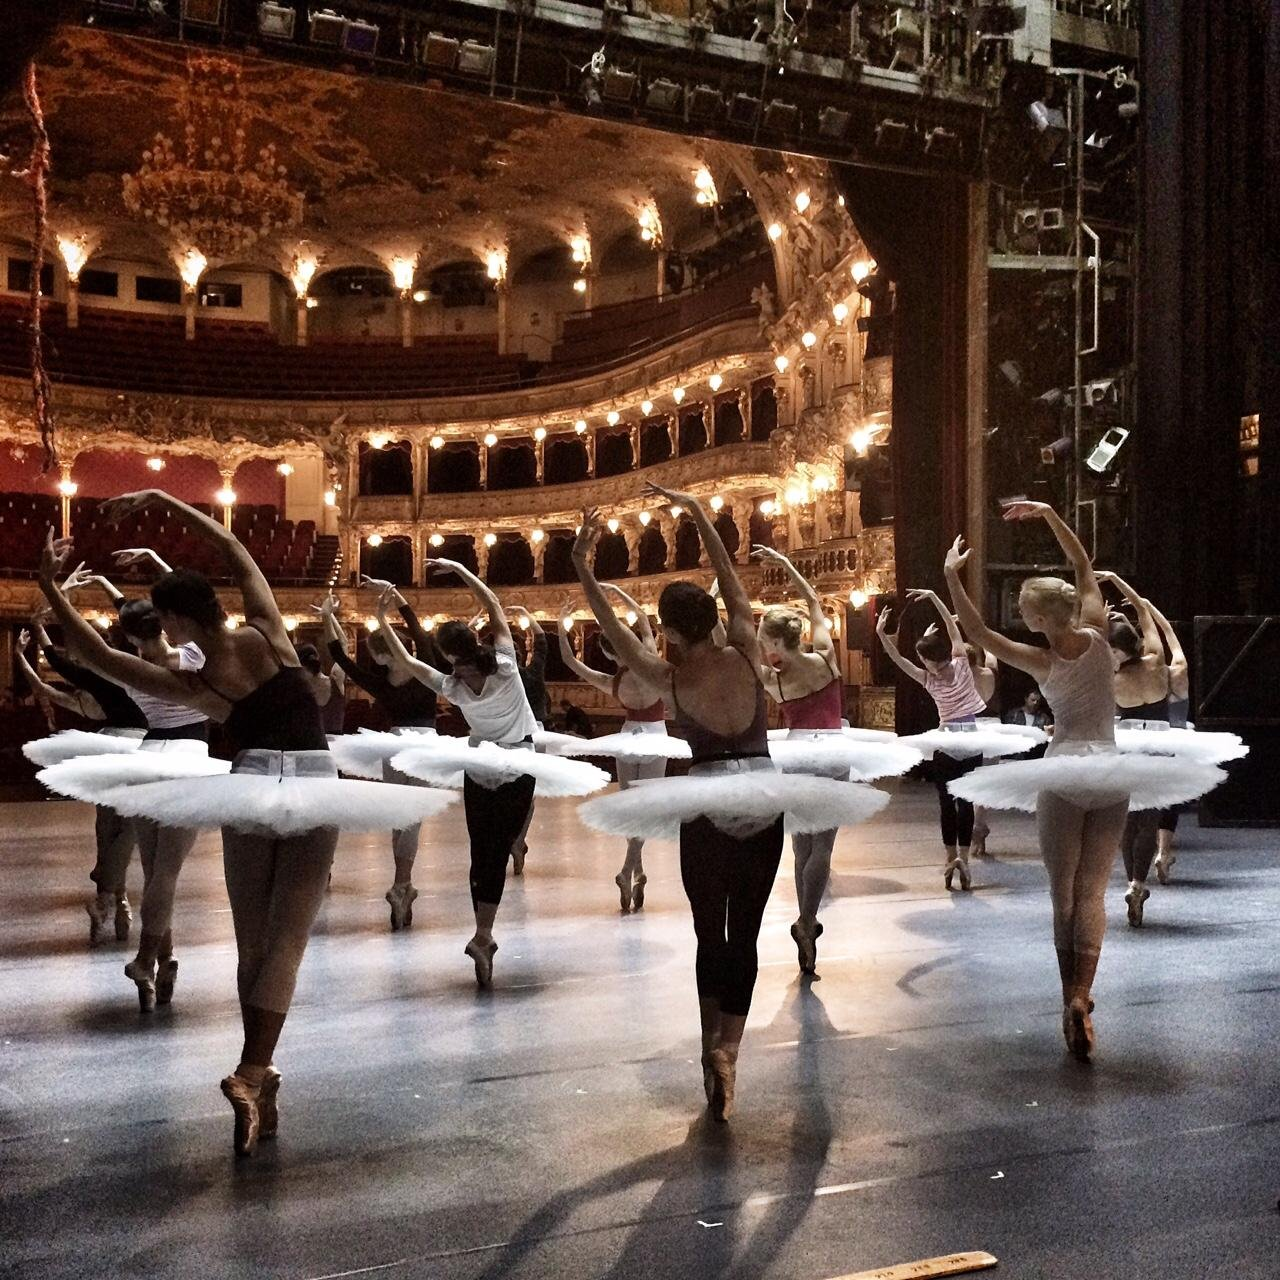 @ballet_nd